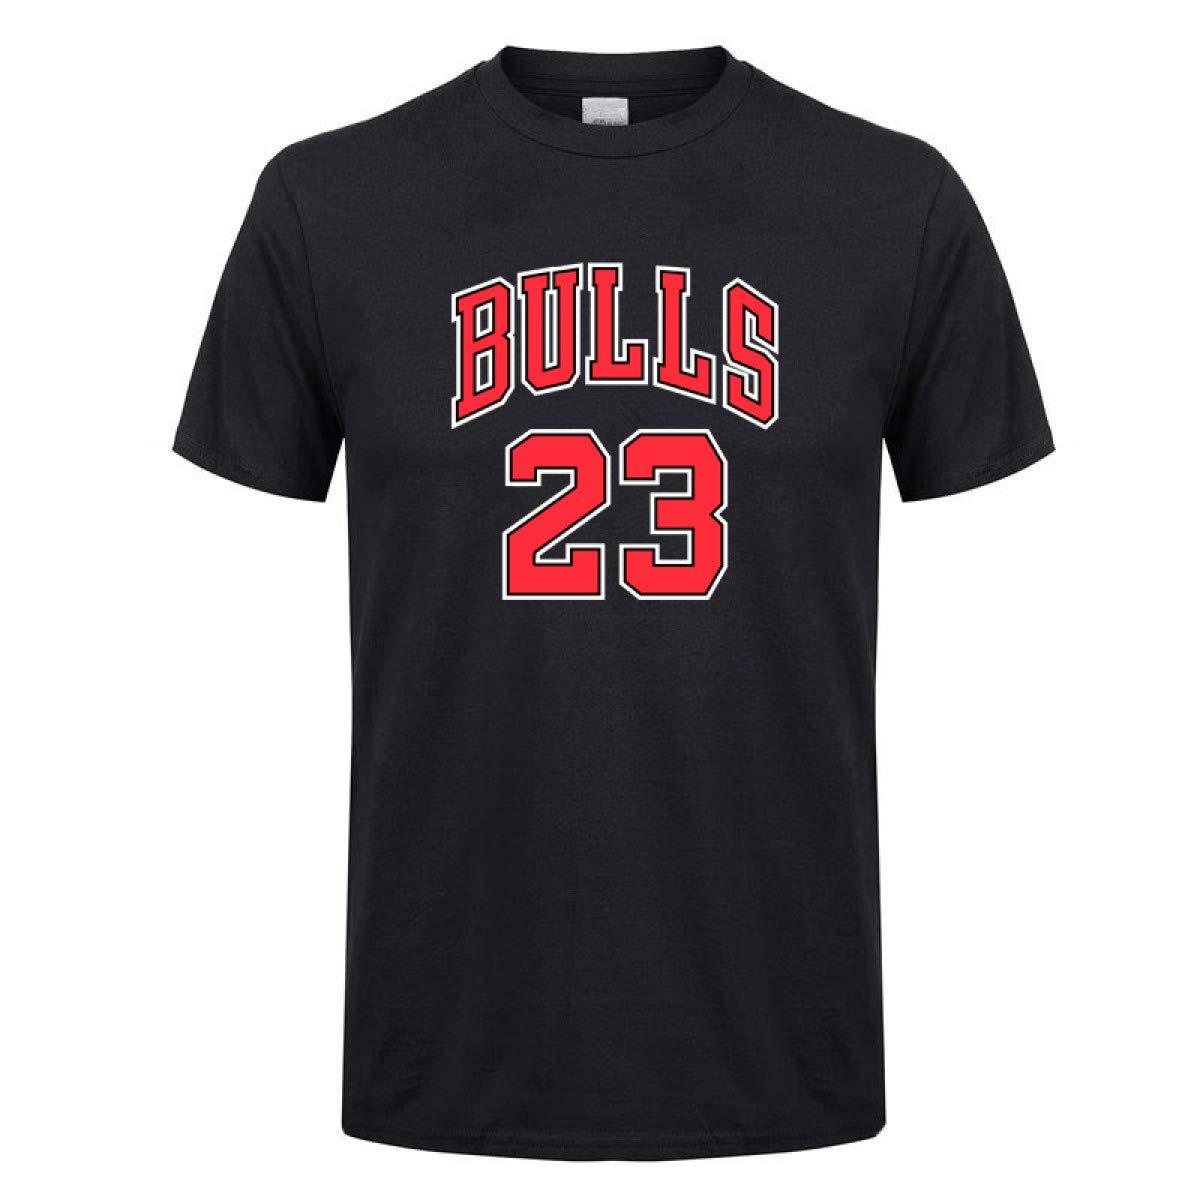 3a40a85146 Amazon.com: Bulls 23 Jersey t Shirt Men/Women 2018 Summer New Print Tee  Jordan 23: Clothing